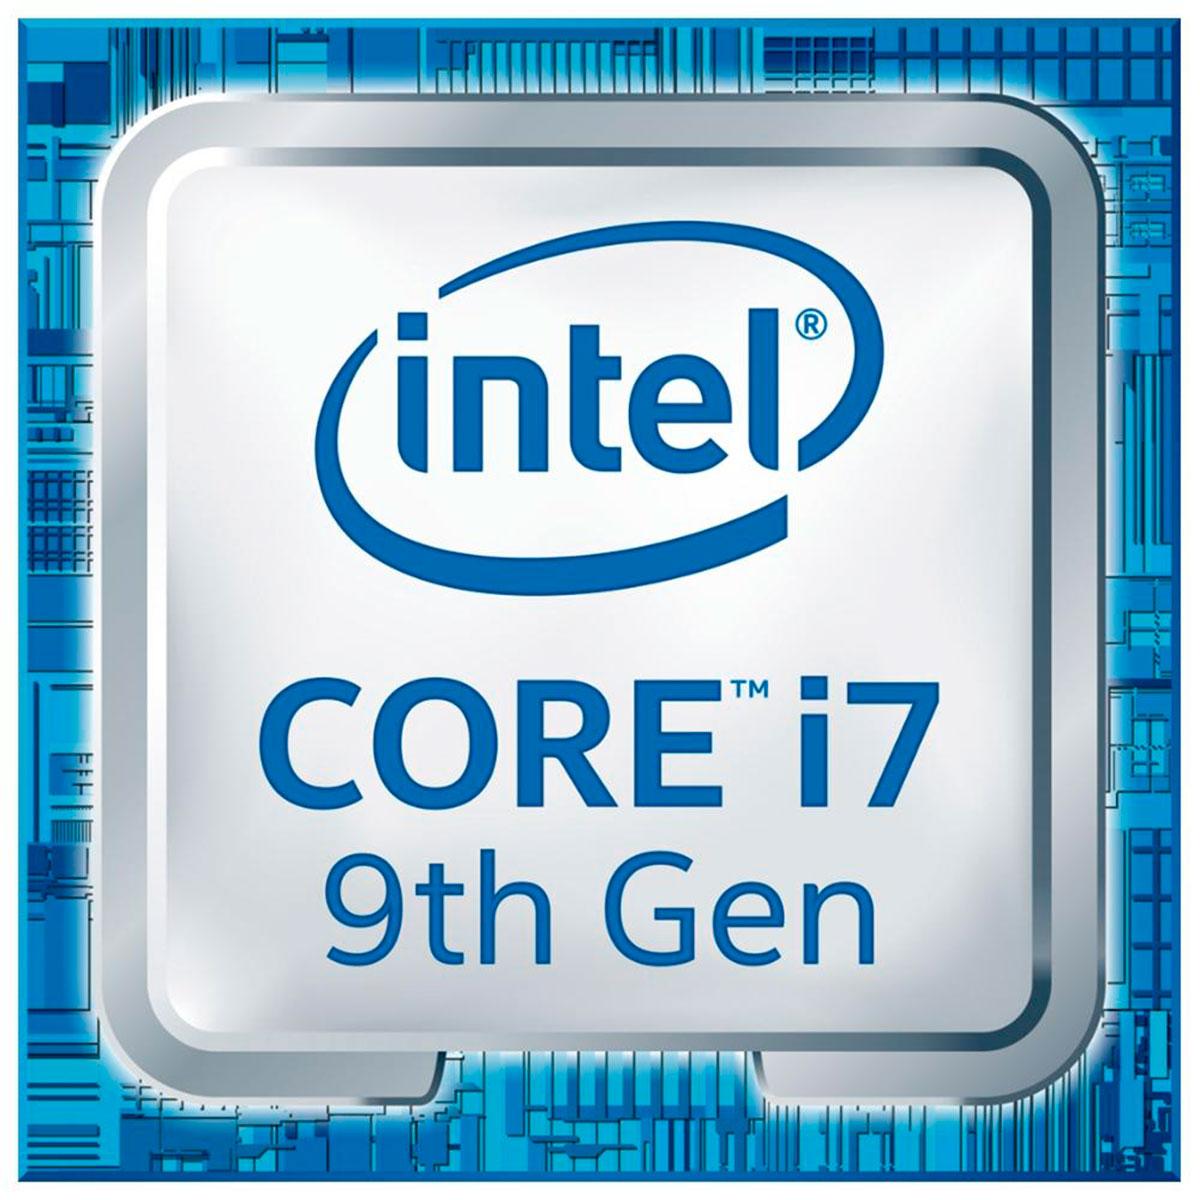 Processador Intel Core I7-9700KF, 9º Geração, 3.6GHz (4.9GHz Turbo), LGA1151, 12MB - BX80684179700KF